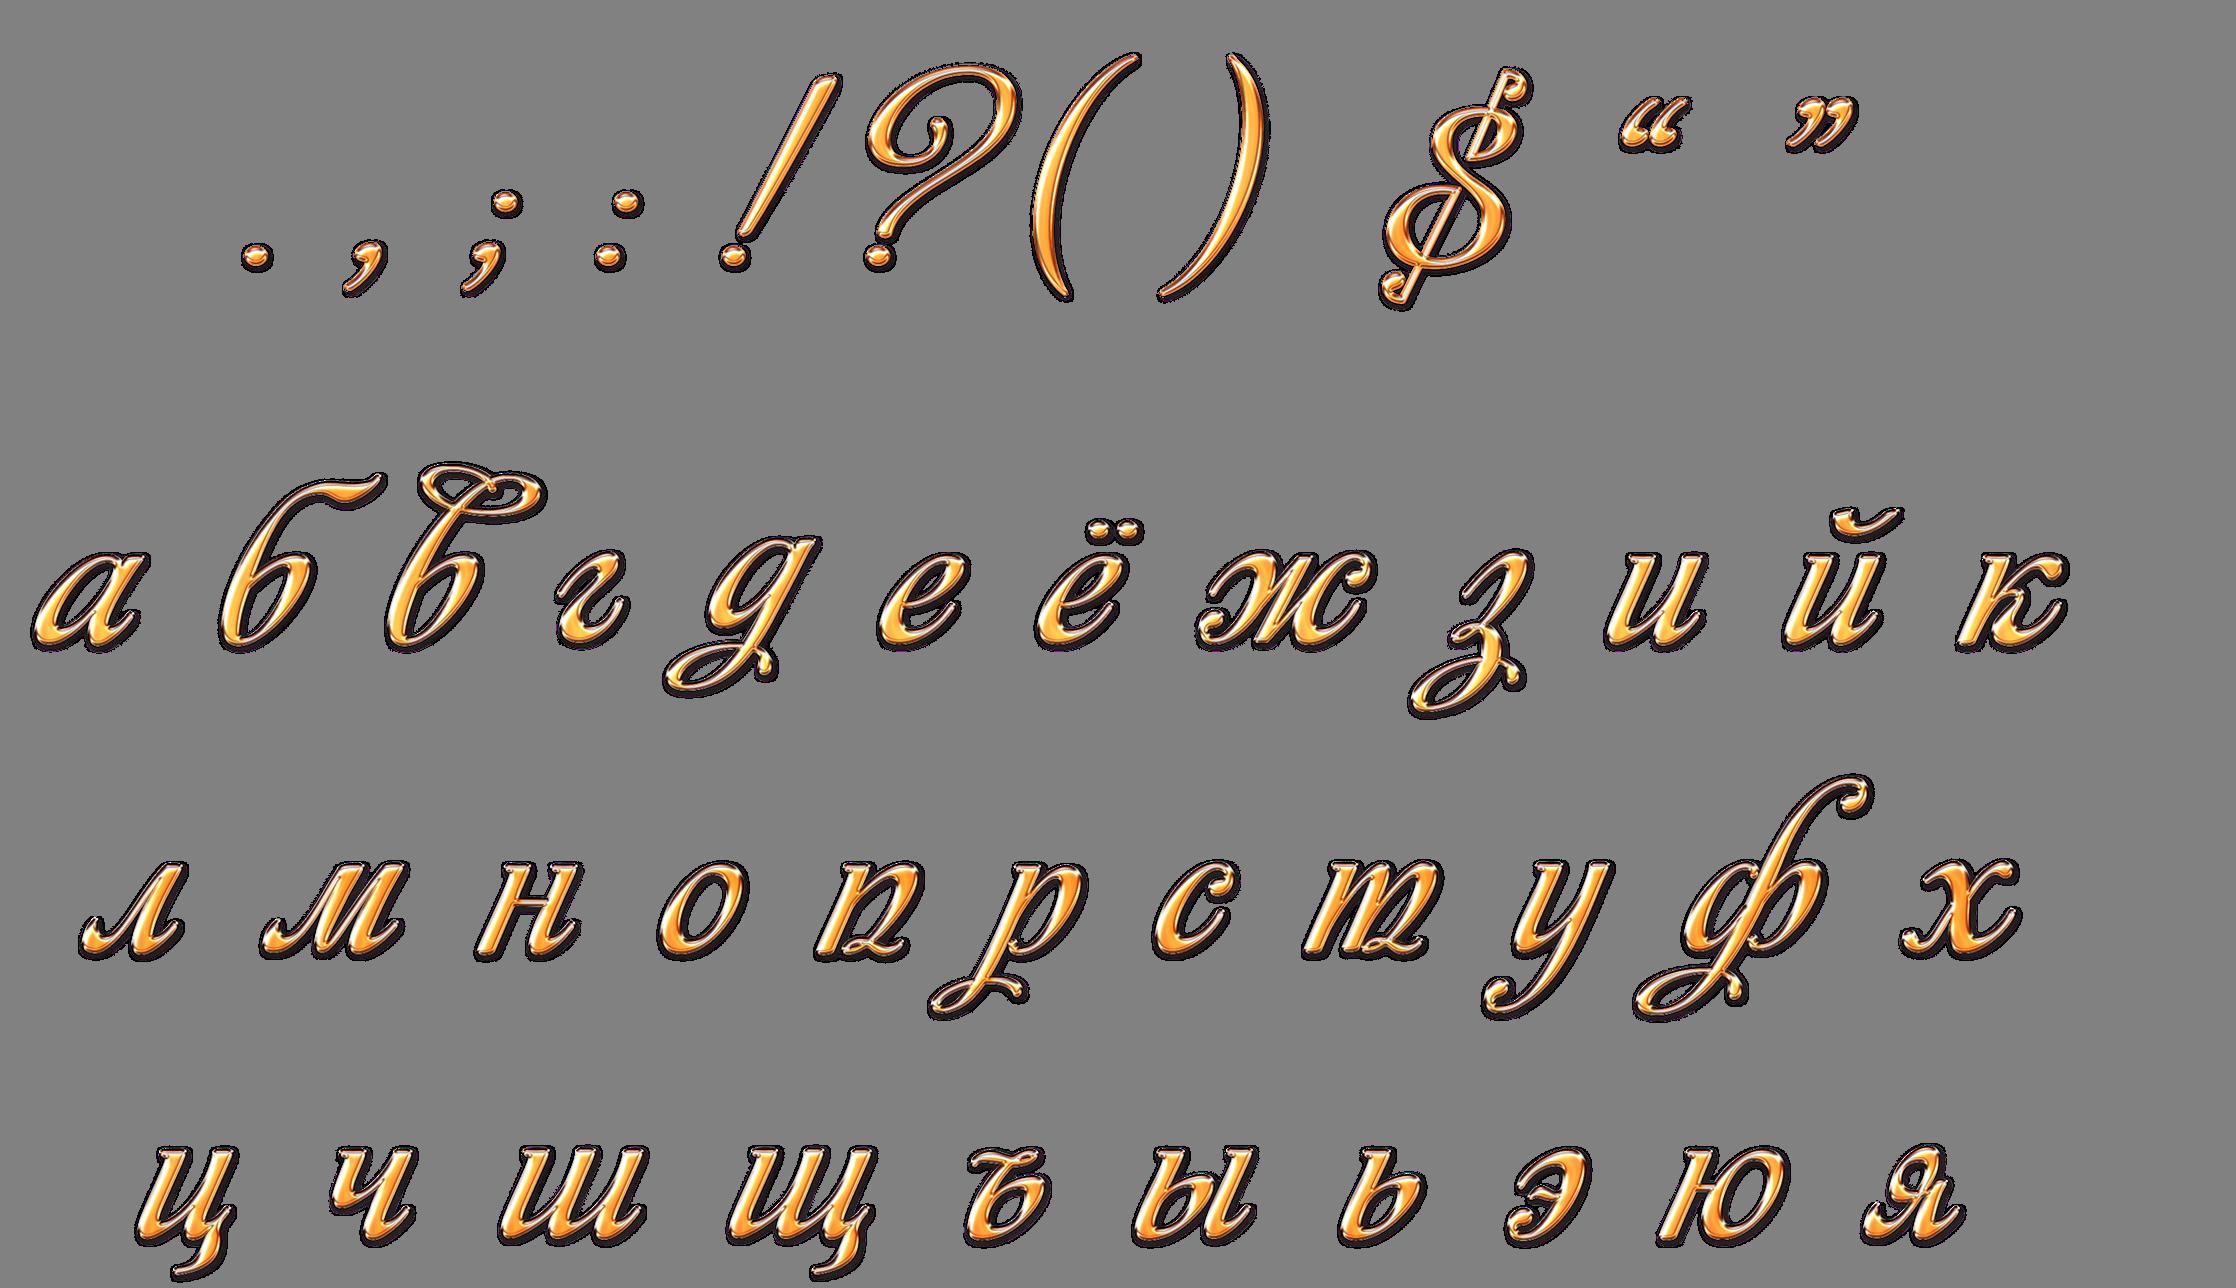 сезон красивые прописные буквы русского алфавита фото вариантов современных